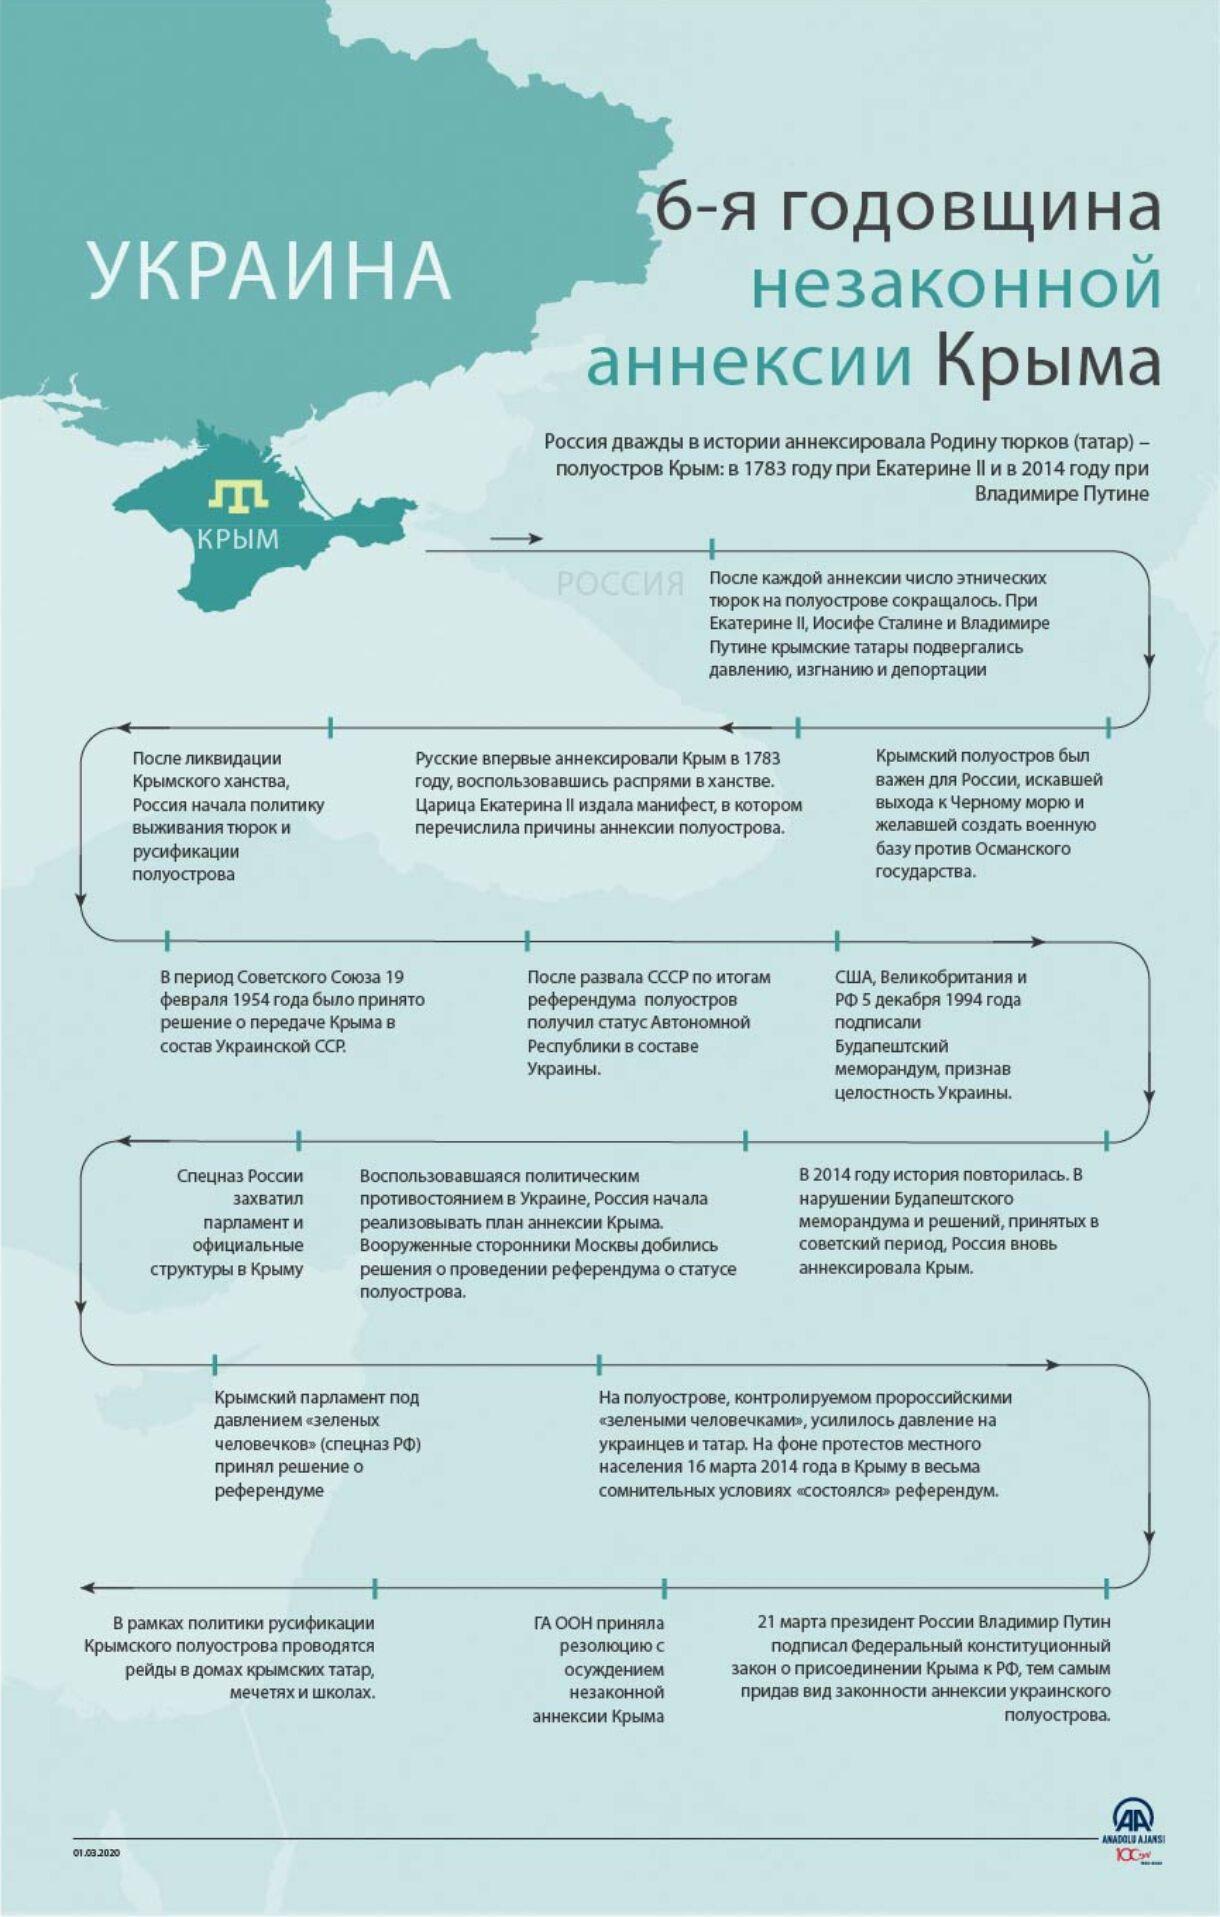 Шесть лет аннексии Крыма: инфографика